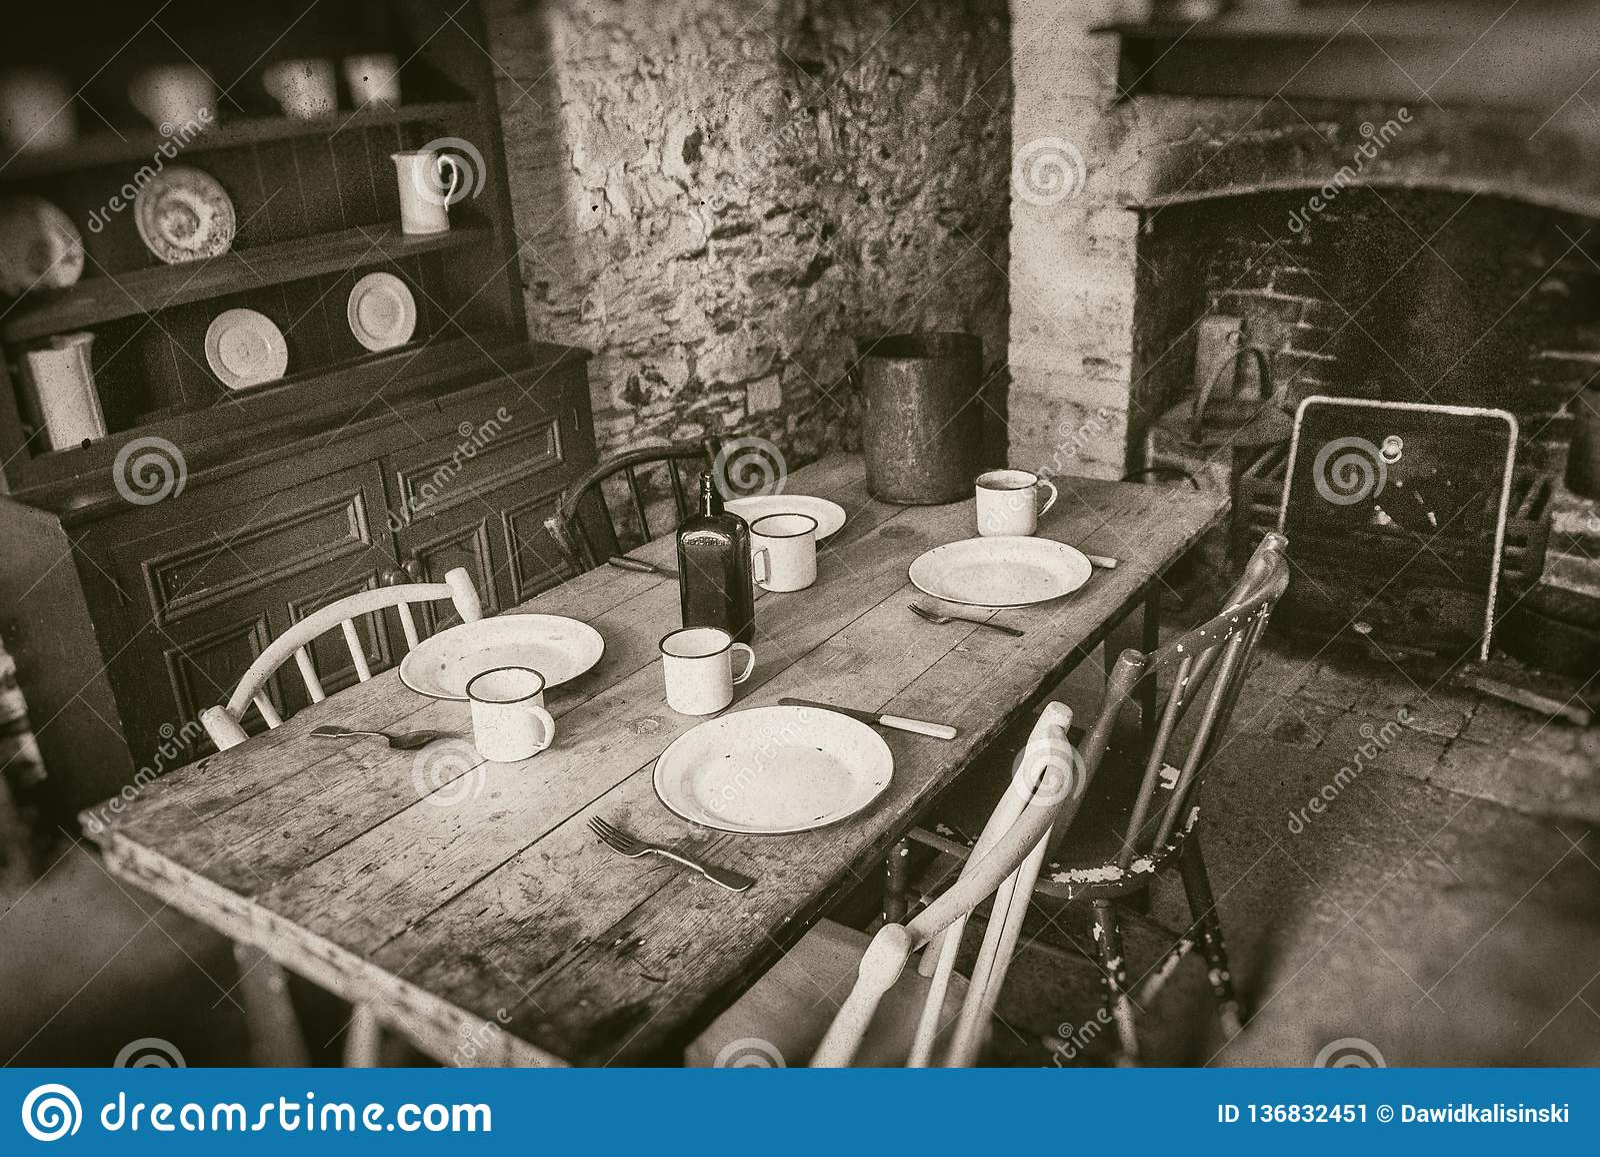 Camponeses pobres interiores do século XIX, da sala de jantar com a tabela de madeira ajustada e da chaminé, fotografia do estilo